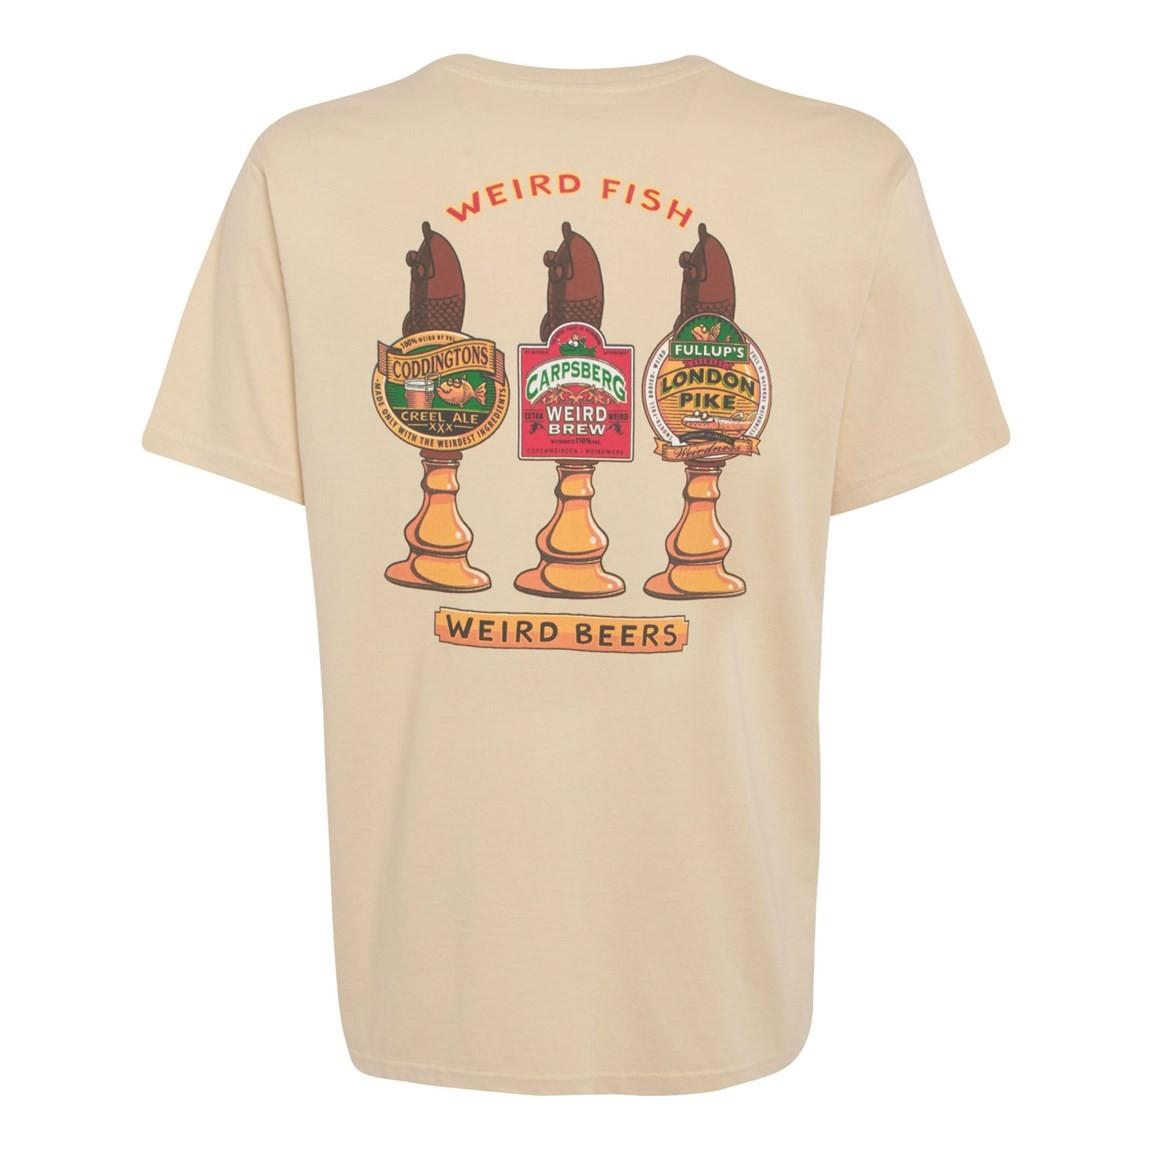 Weird Fish Weird Beers Printed Artist T-Shirt Oyster